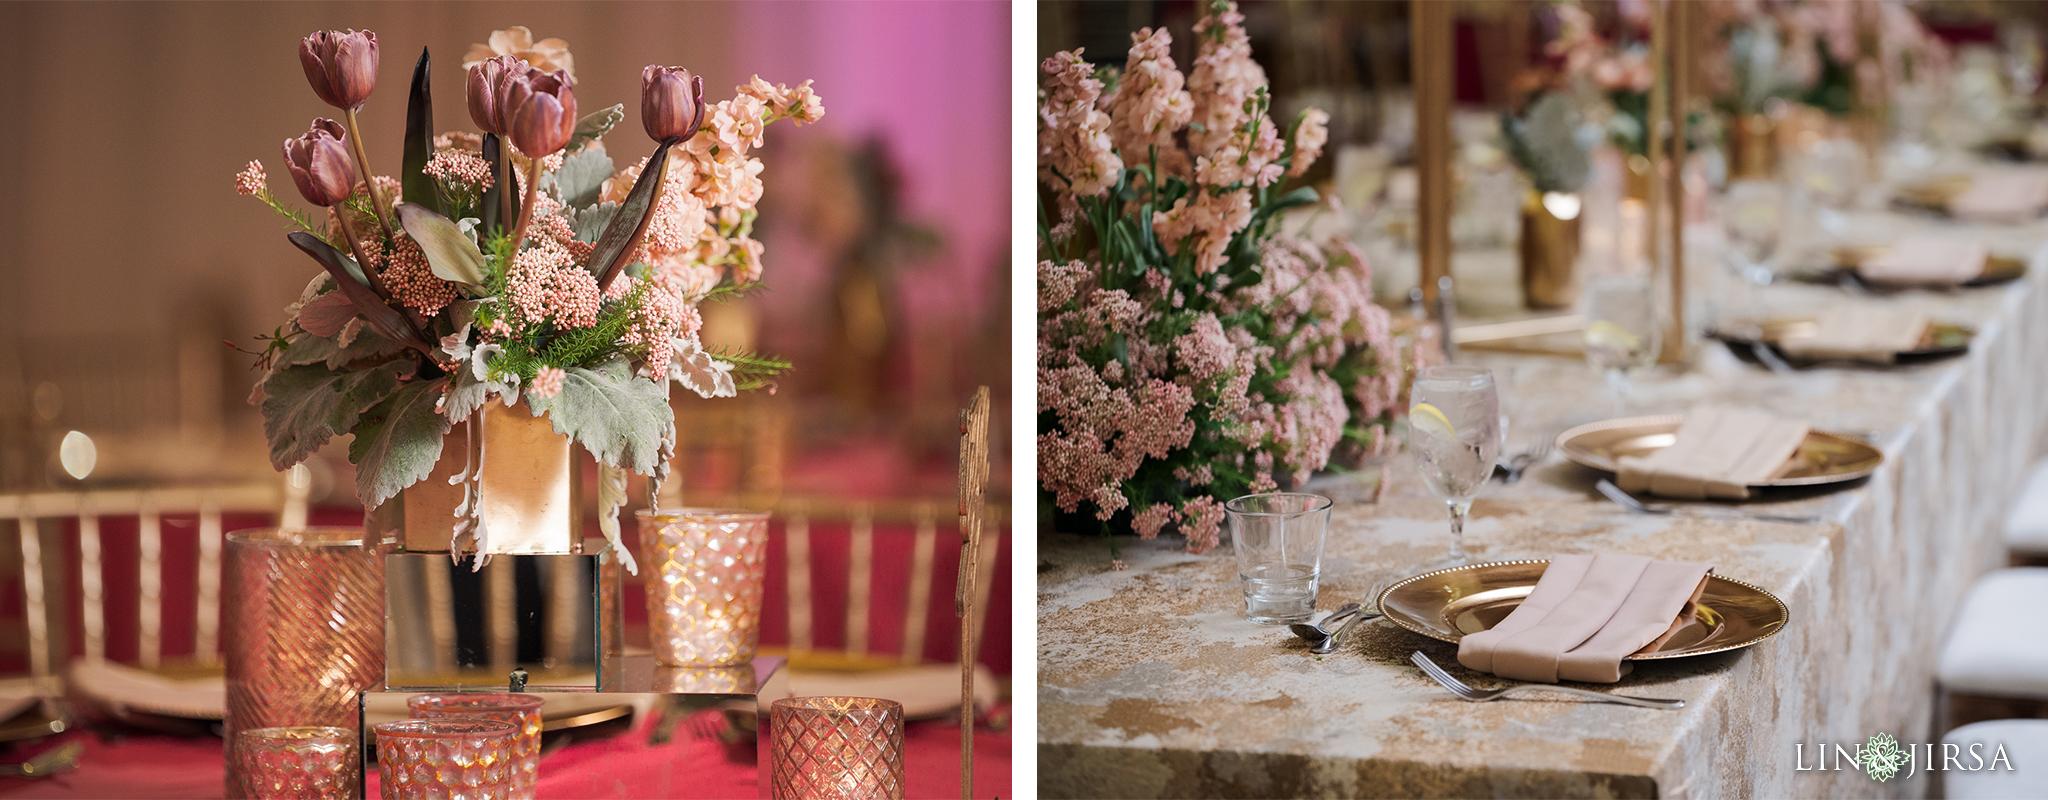 27 Hyatt Regency Garden Grove Pakistani Muslim Wedding Photography